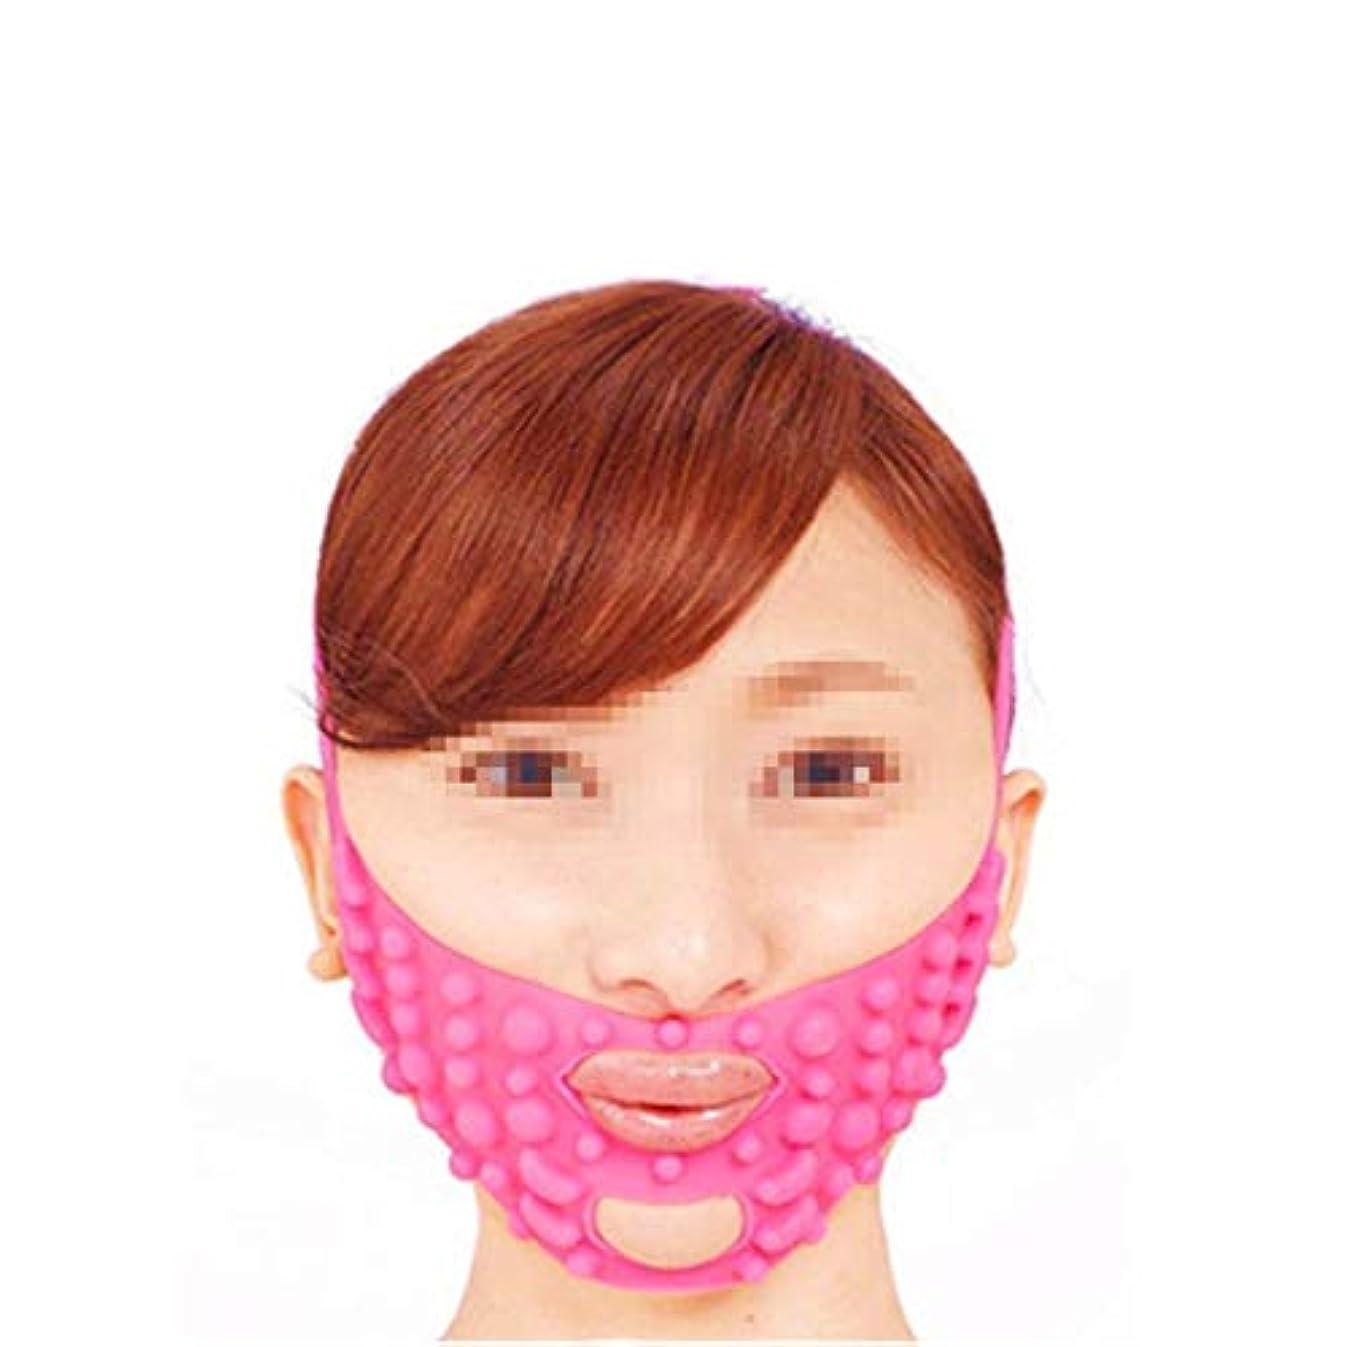 天のメアリアンジョーンズ敵対的シリコンマッサージフェイスマスク、タイトな形の小さなVフェイスリフトから法令パターンのフェイスリフト包帯ピンク